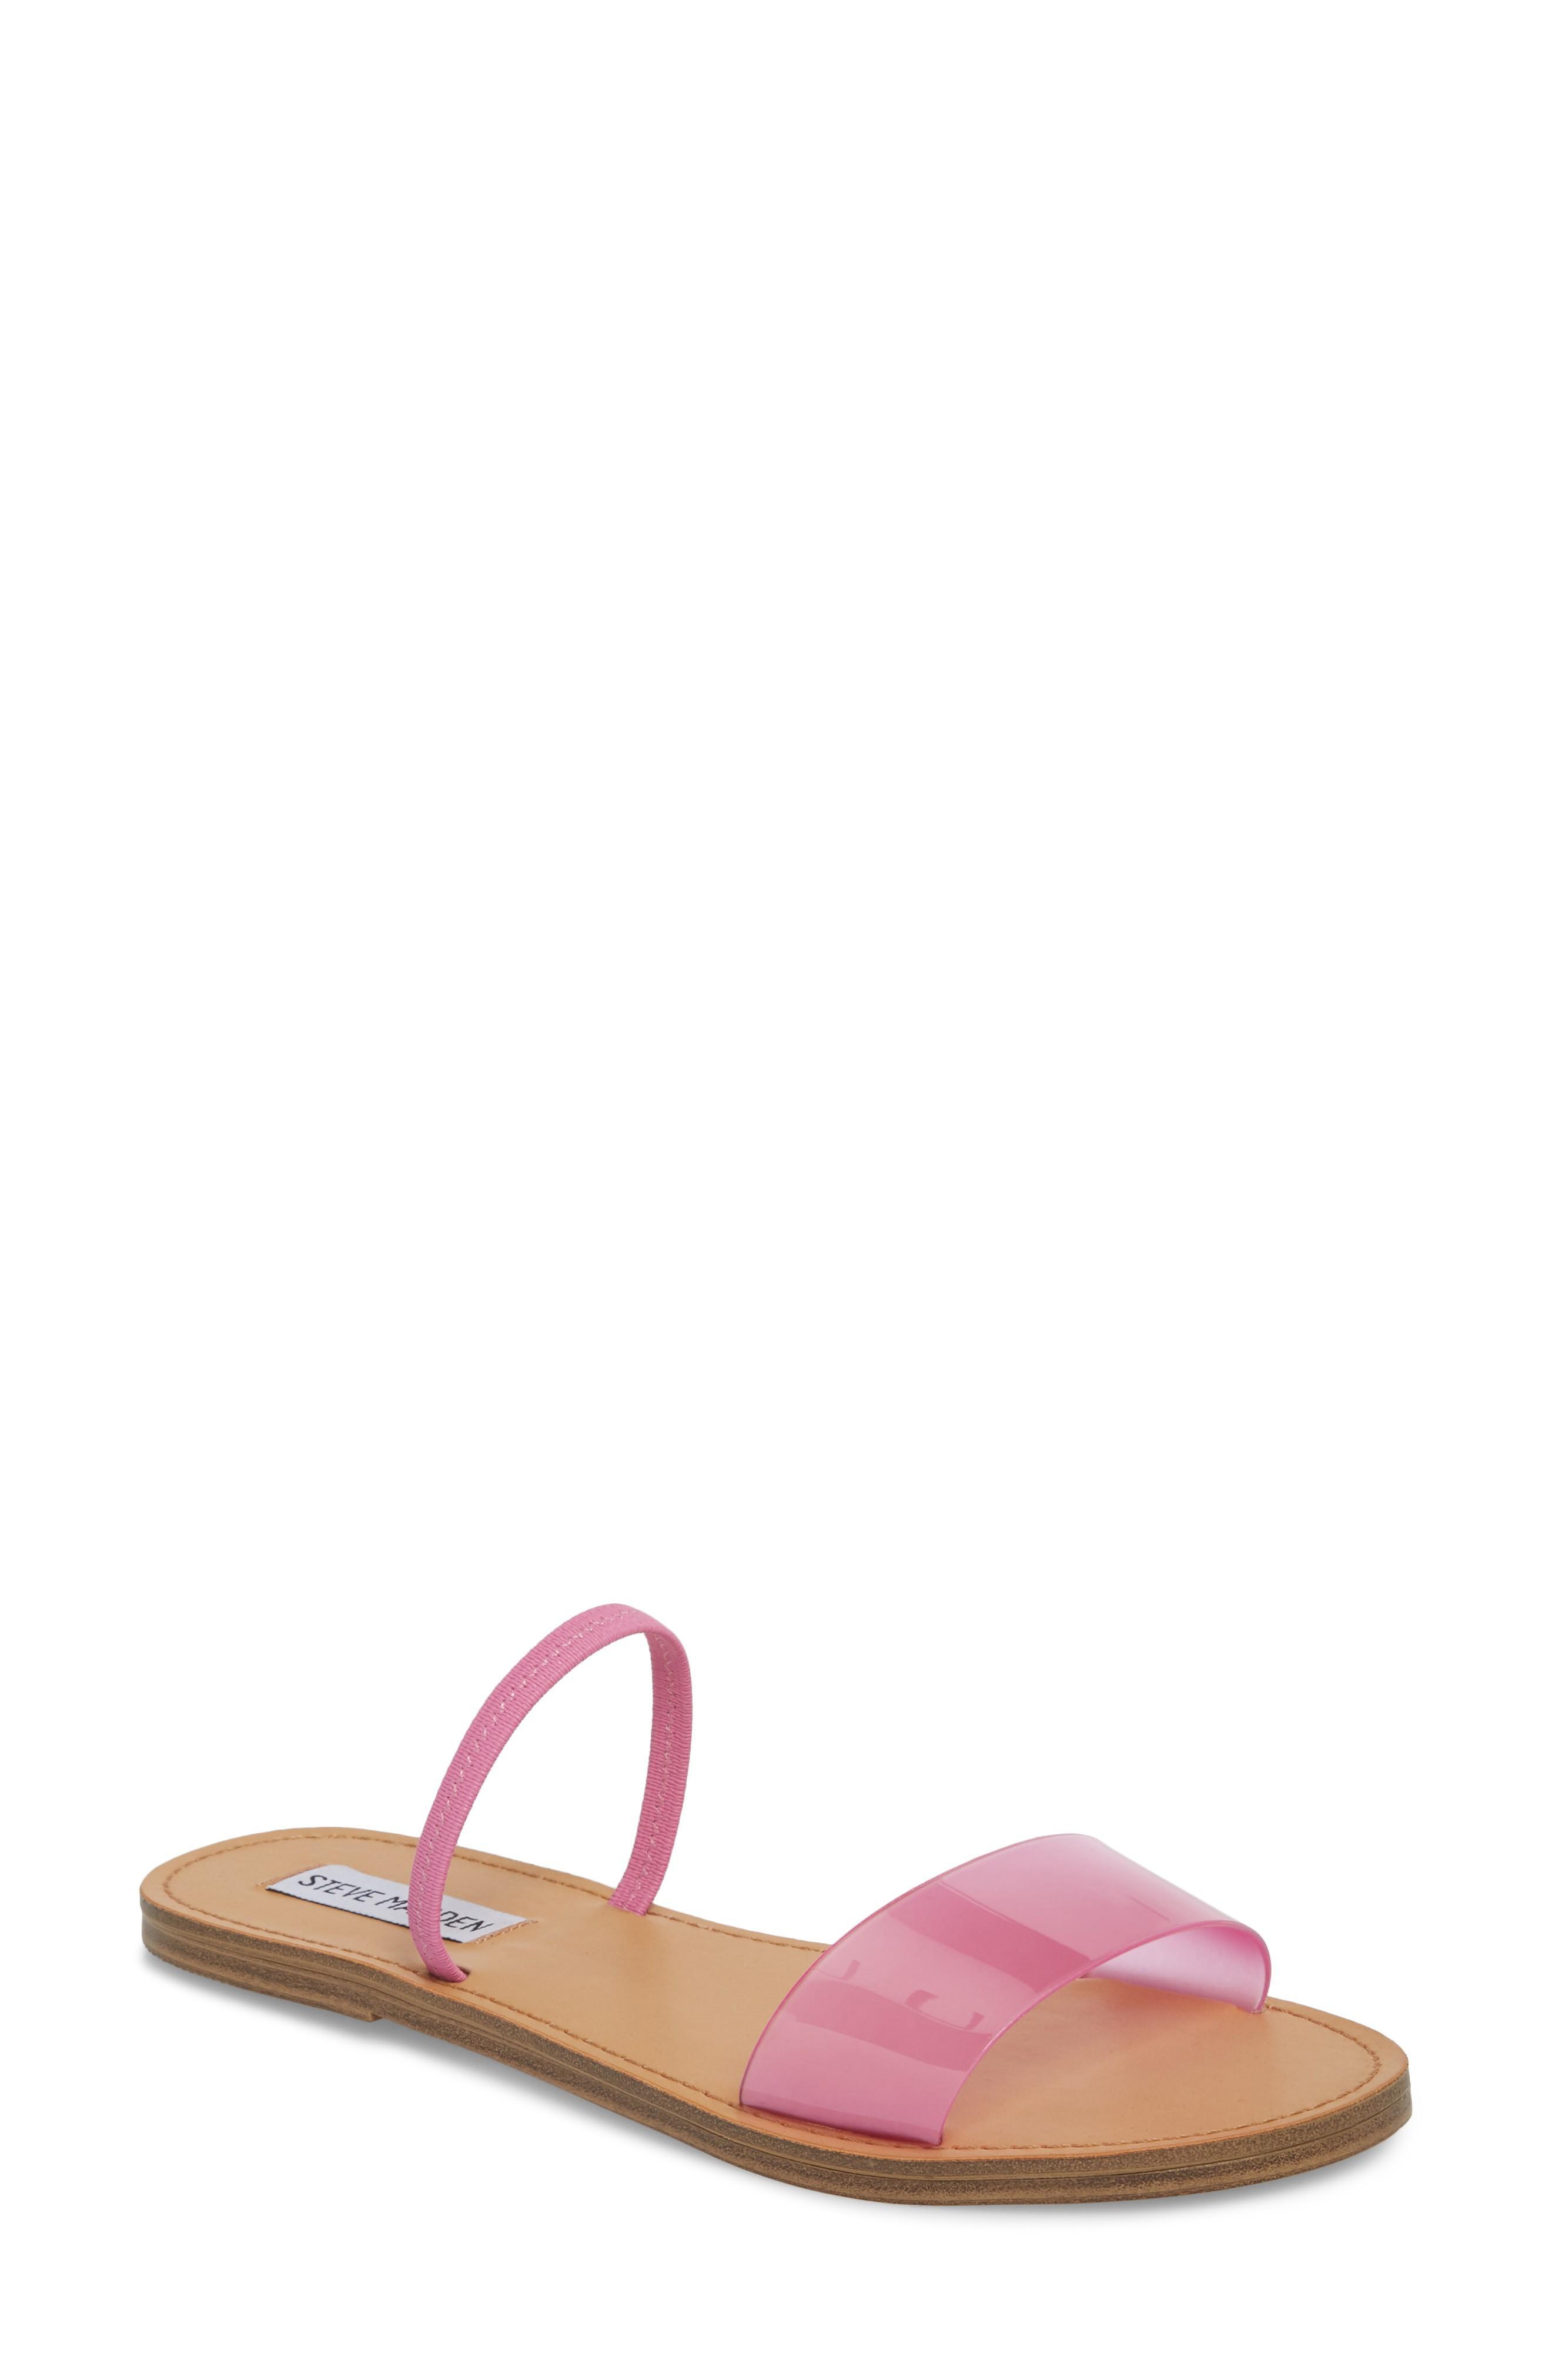 1ef3054c13b Steve Madden Dasha Strappy Slide Sandal In Pink